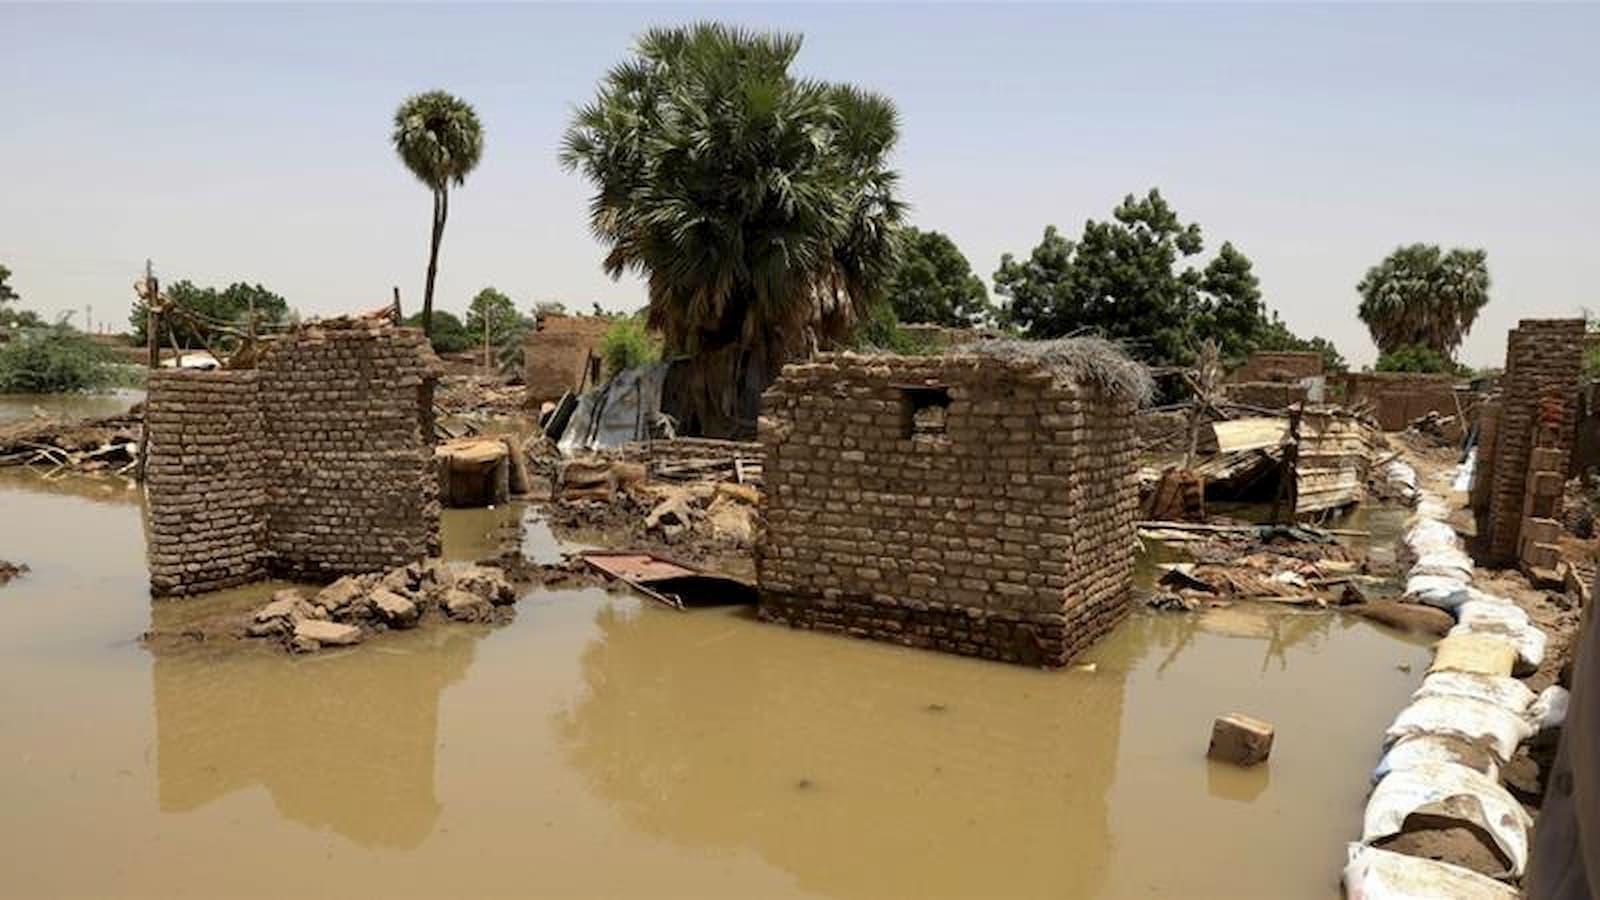 Some donation campaigns in Qatar for Sudan